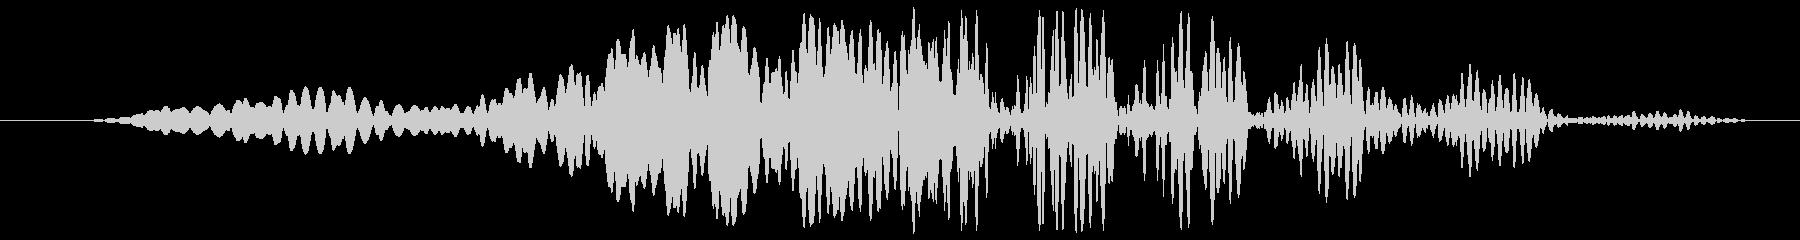 スワイプ/キャンセル/場面転換に最適!2の未再生の波形